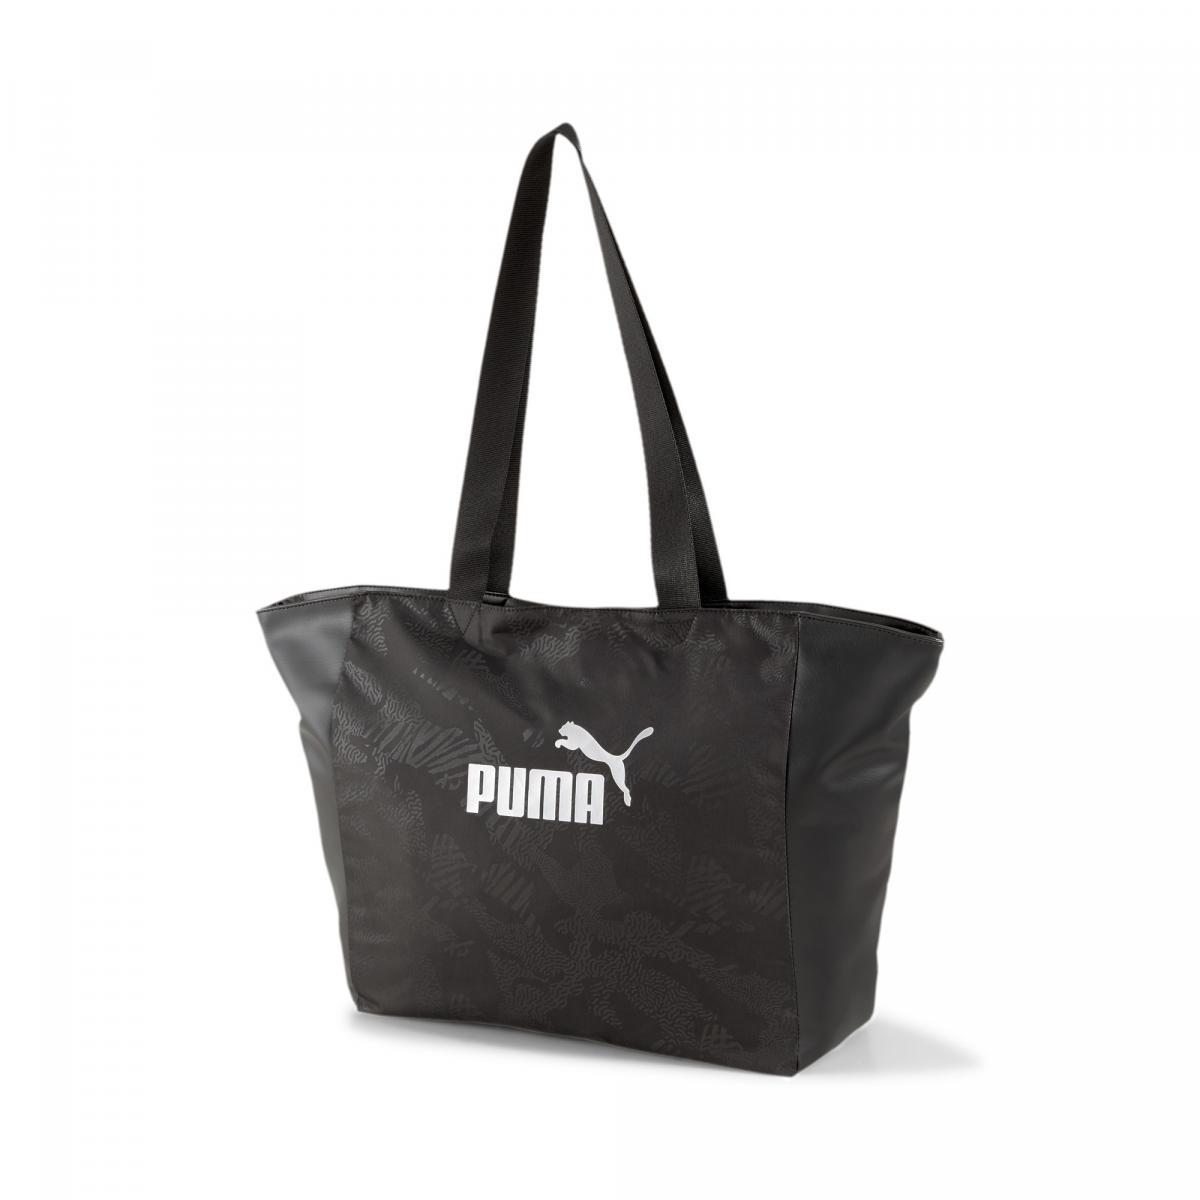 Puma shopper fazonú nagy női táska fekete